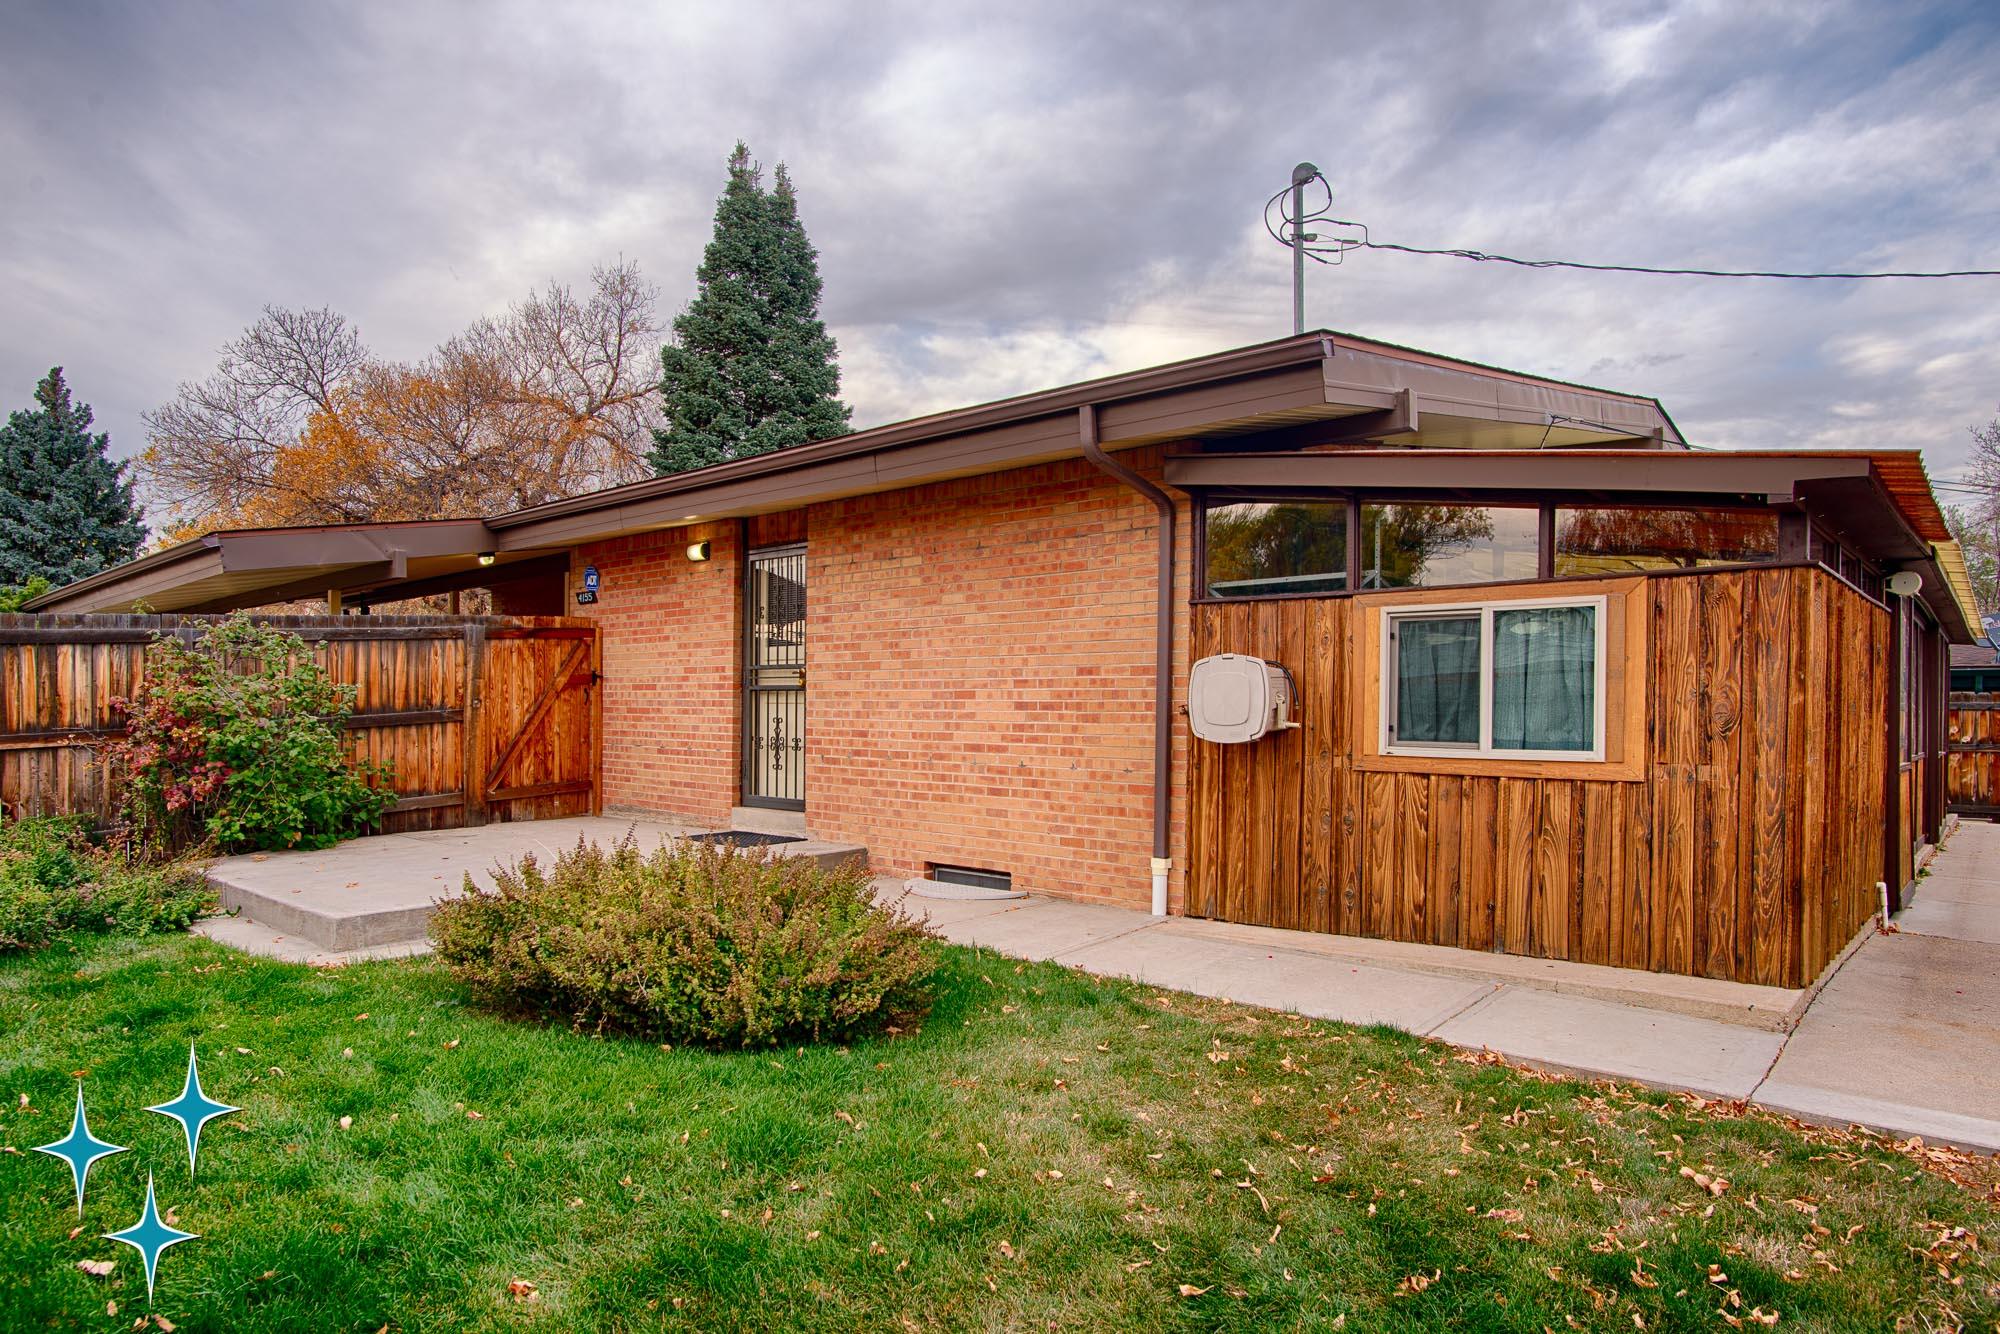 Adrian-Kinney-4155-W-Iliff-Avenue-Denver-r-Carey-Holiday-Home-2000w50-3SWM-6.jpg